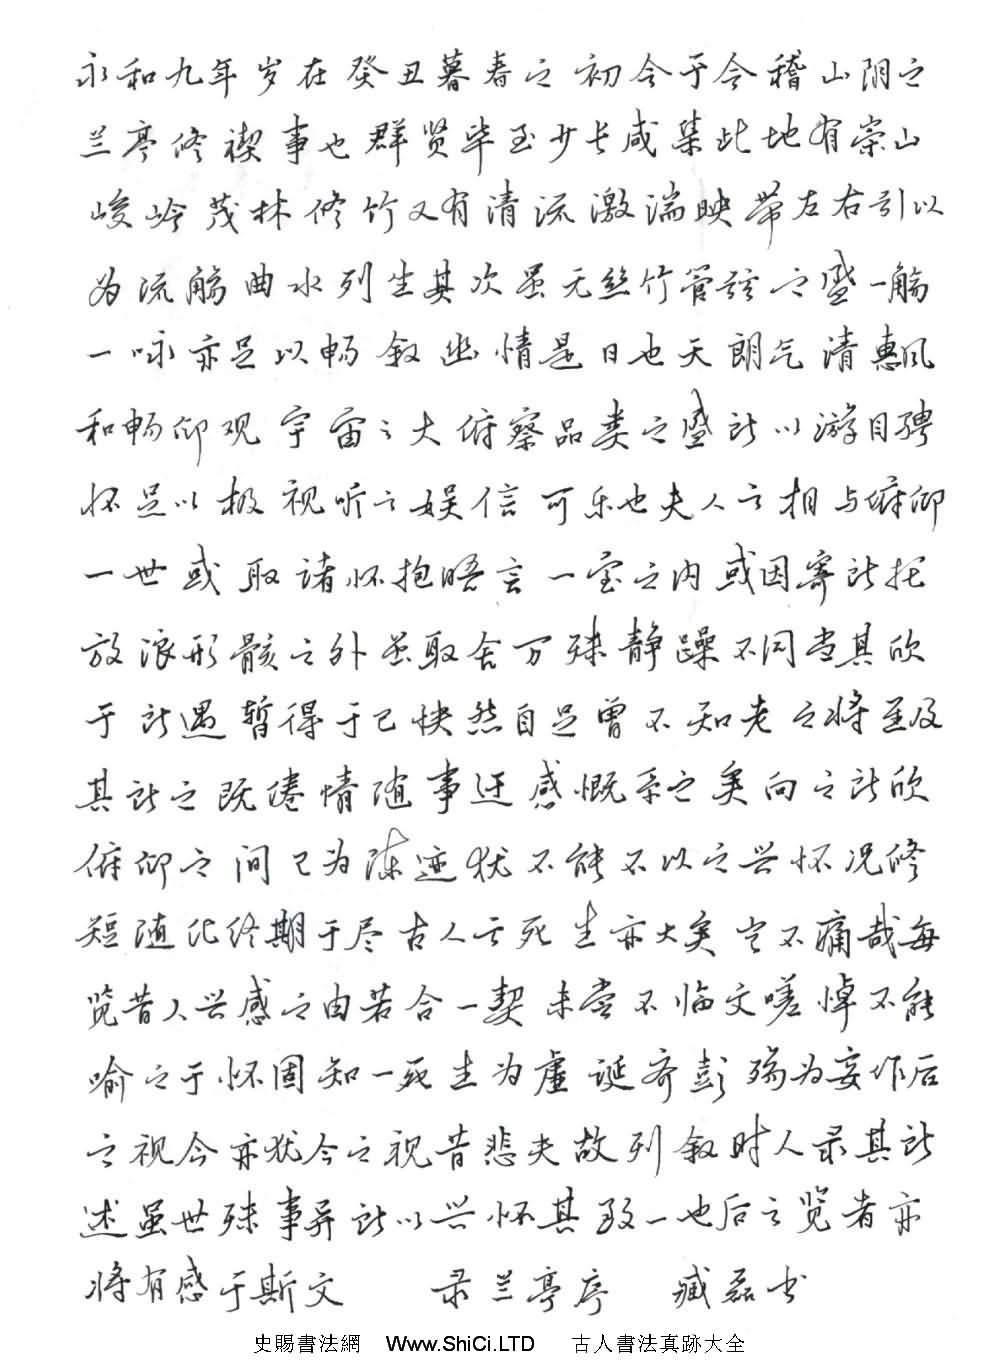 臧磊硬筆書法作品真跡欣賞(共12張圖片)